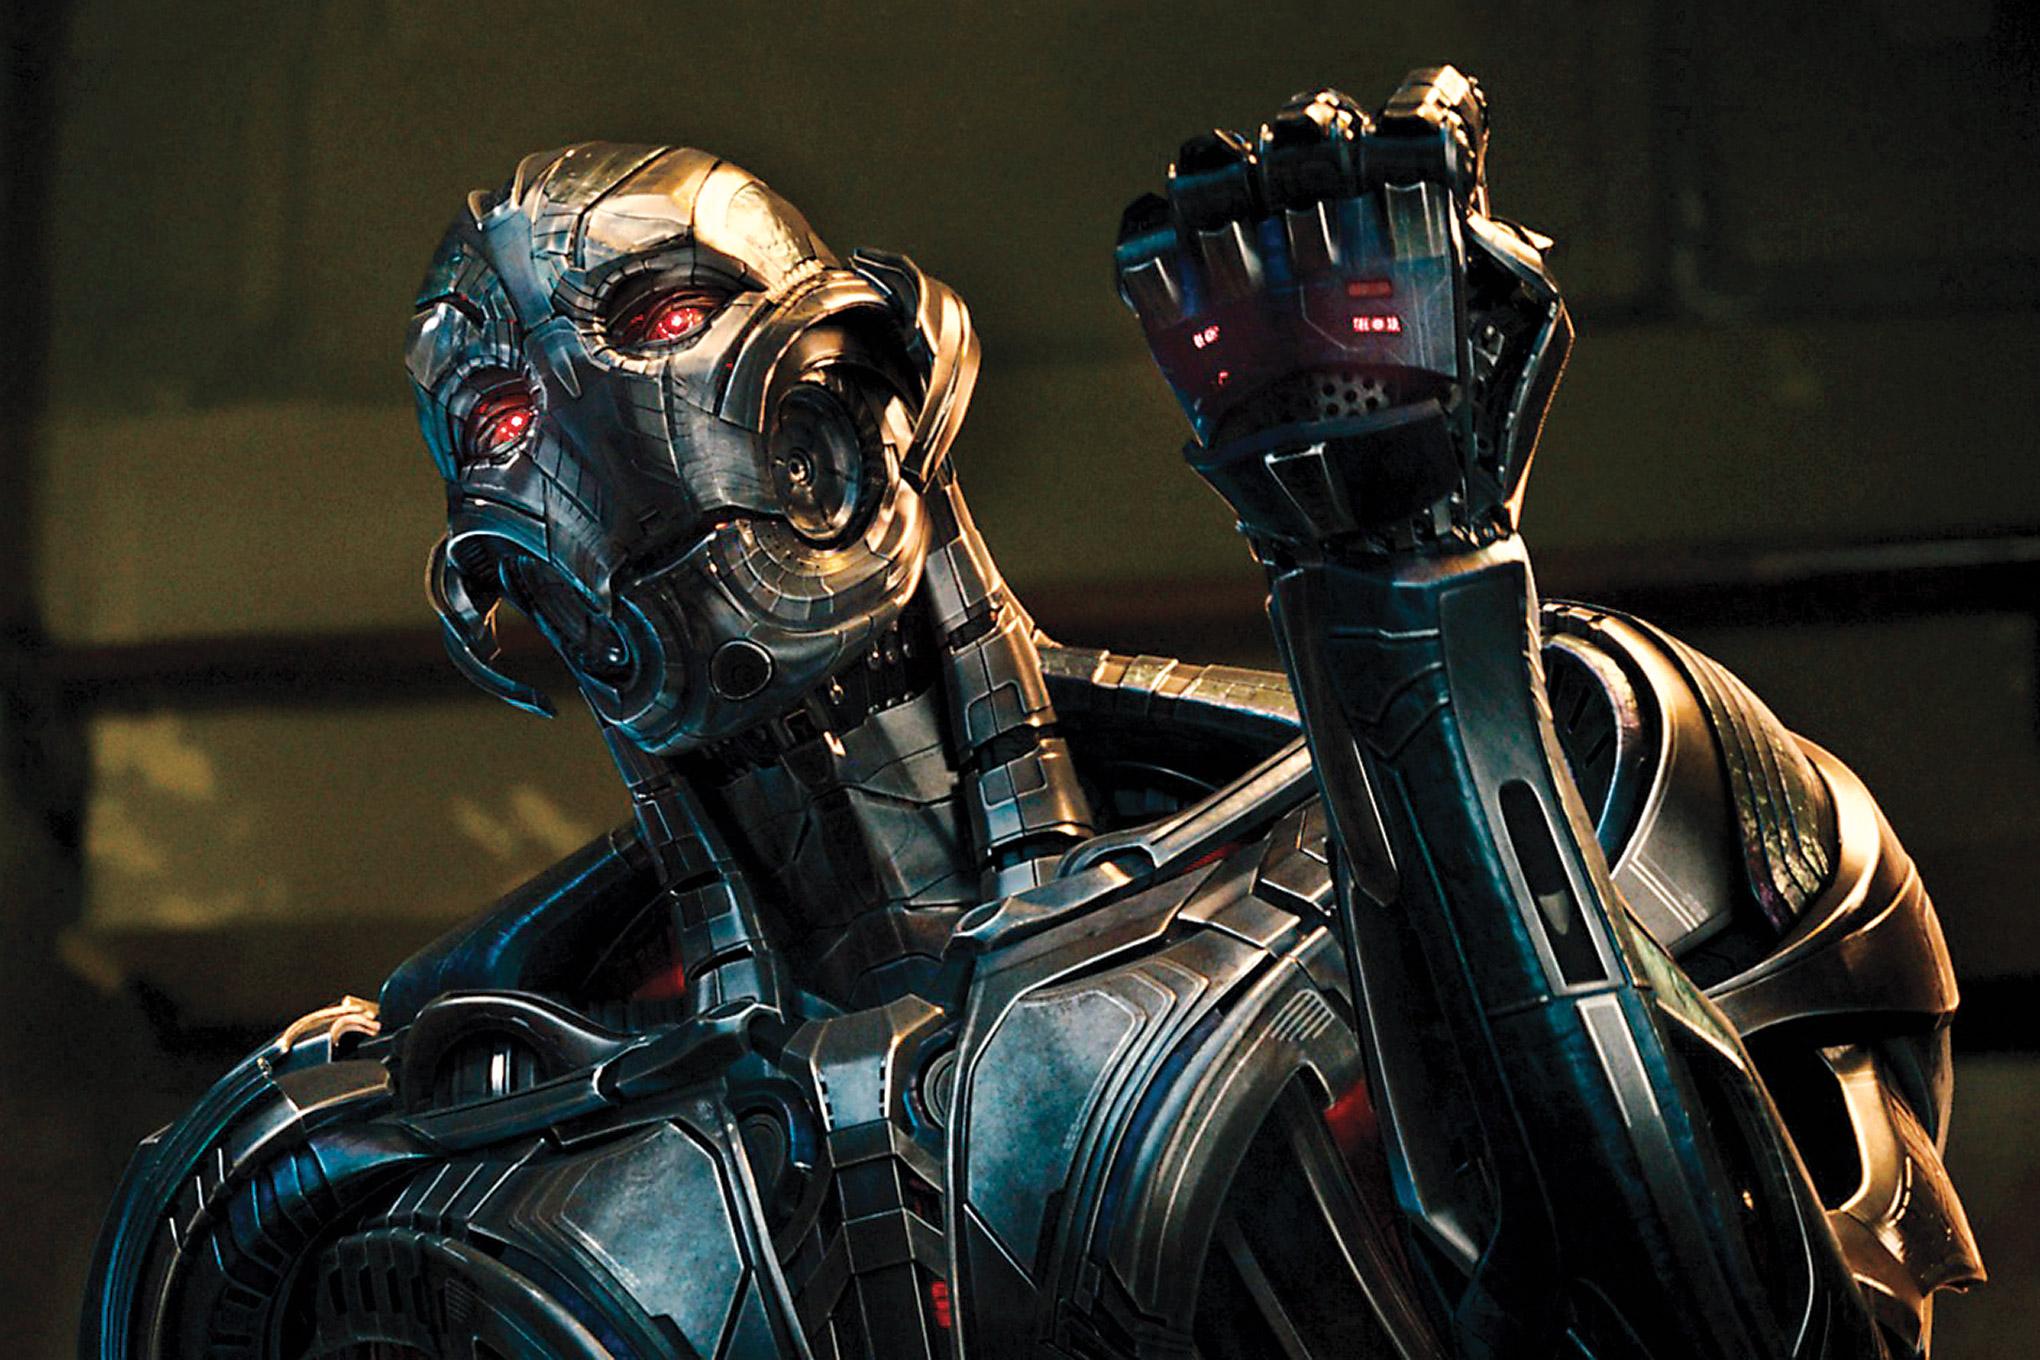 Ultron – famous robot